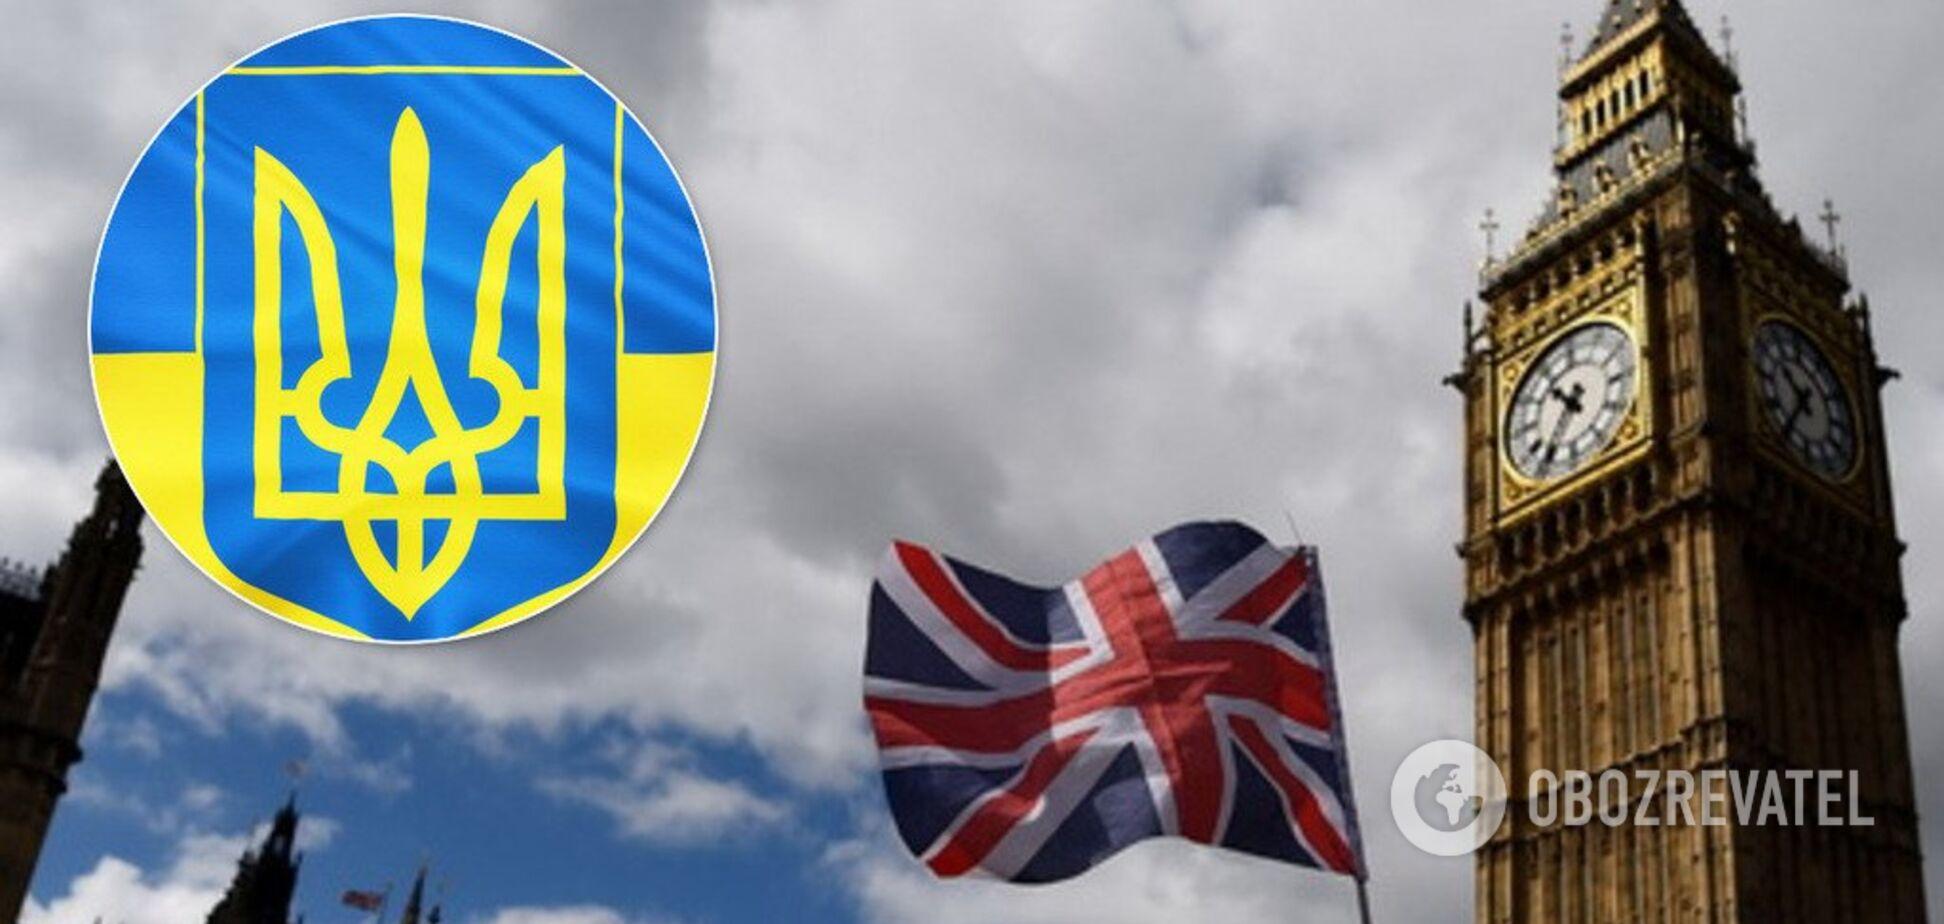 Скандал с тризубом в Британии: Украина отстояла правду